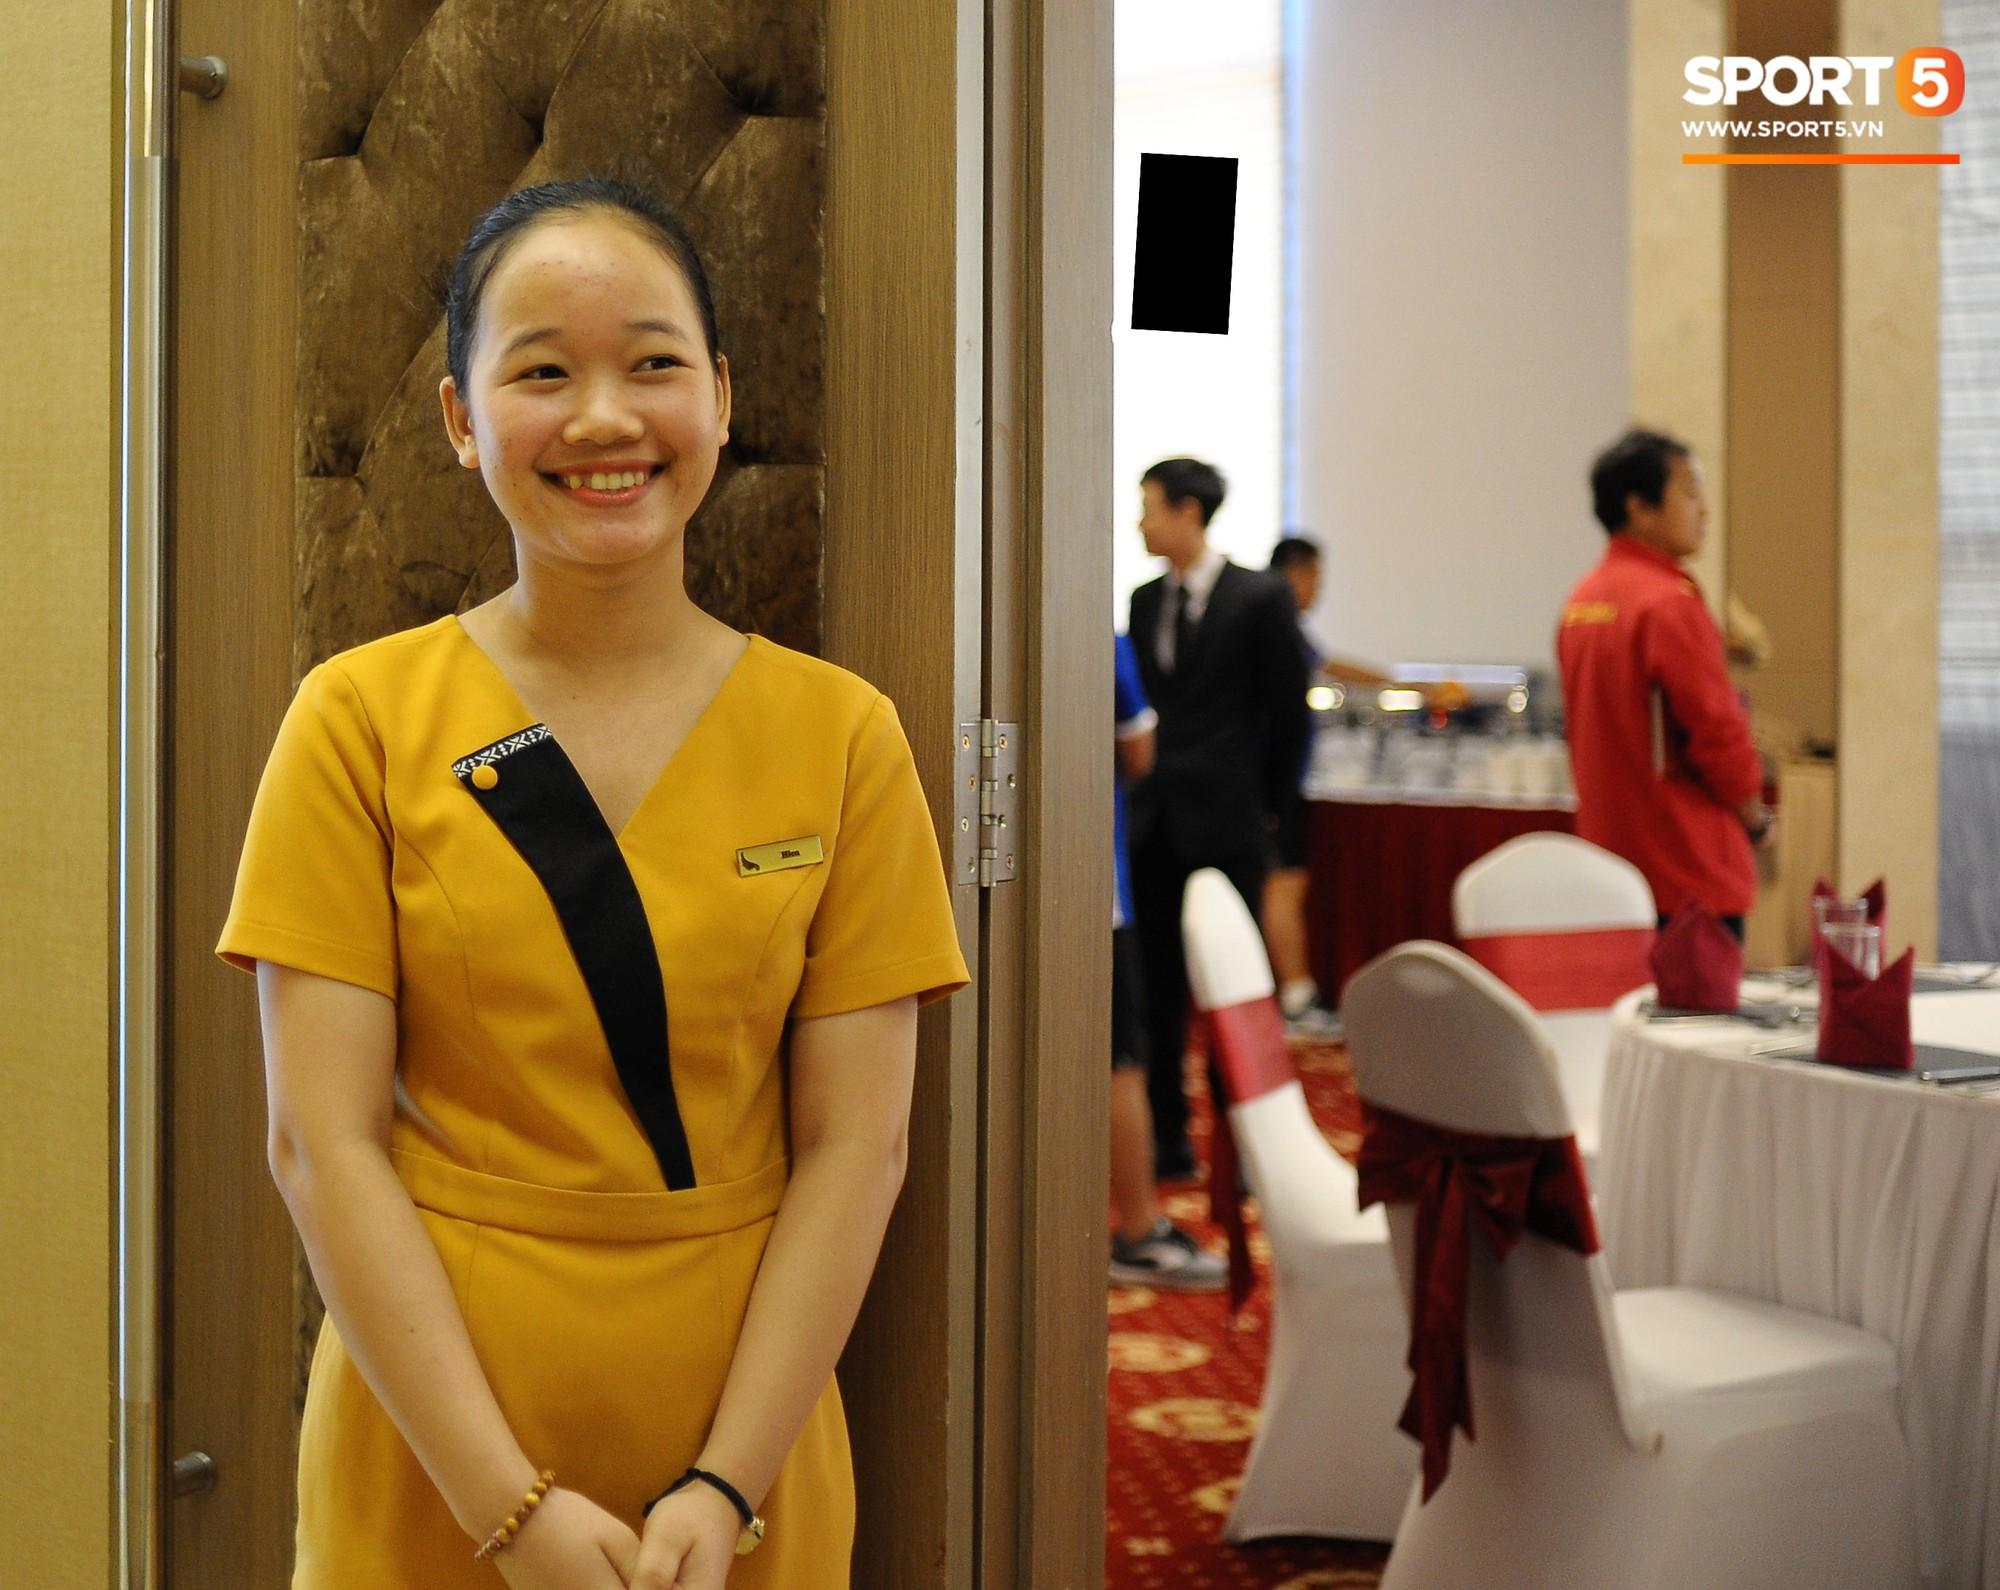 Bữa ăn đậm hương vị quê hương của các tuyển thủ tuyển Việt Nam khi đến Lào-2